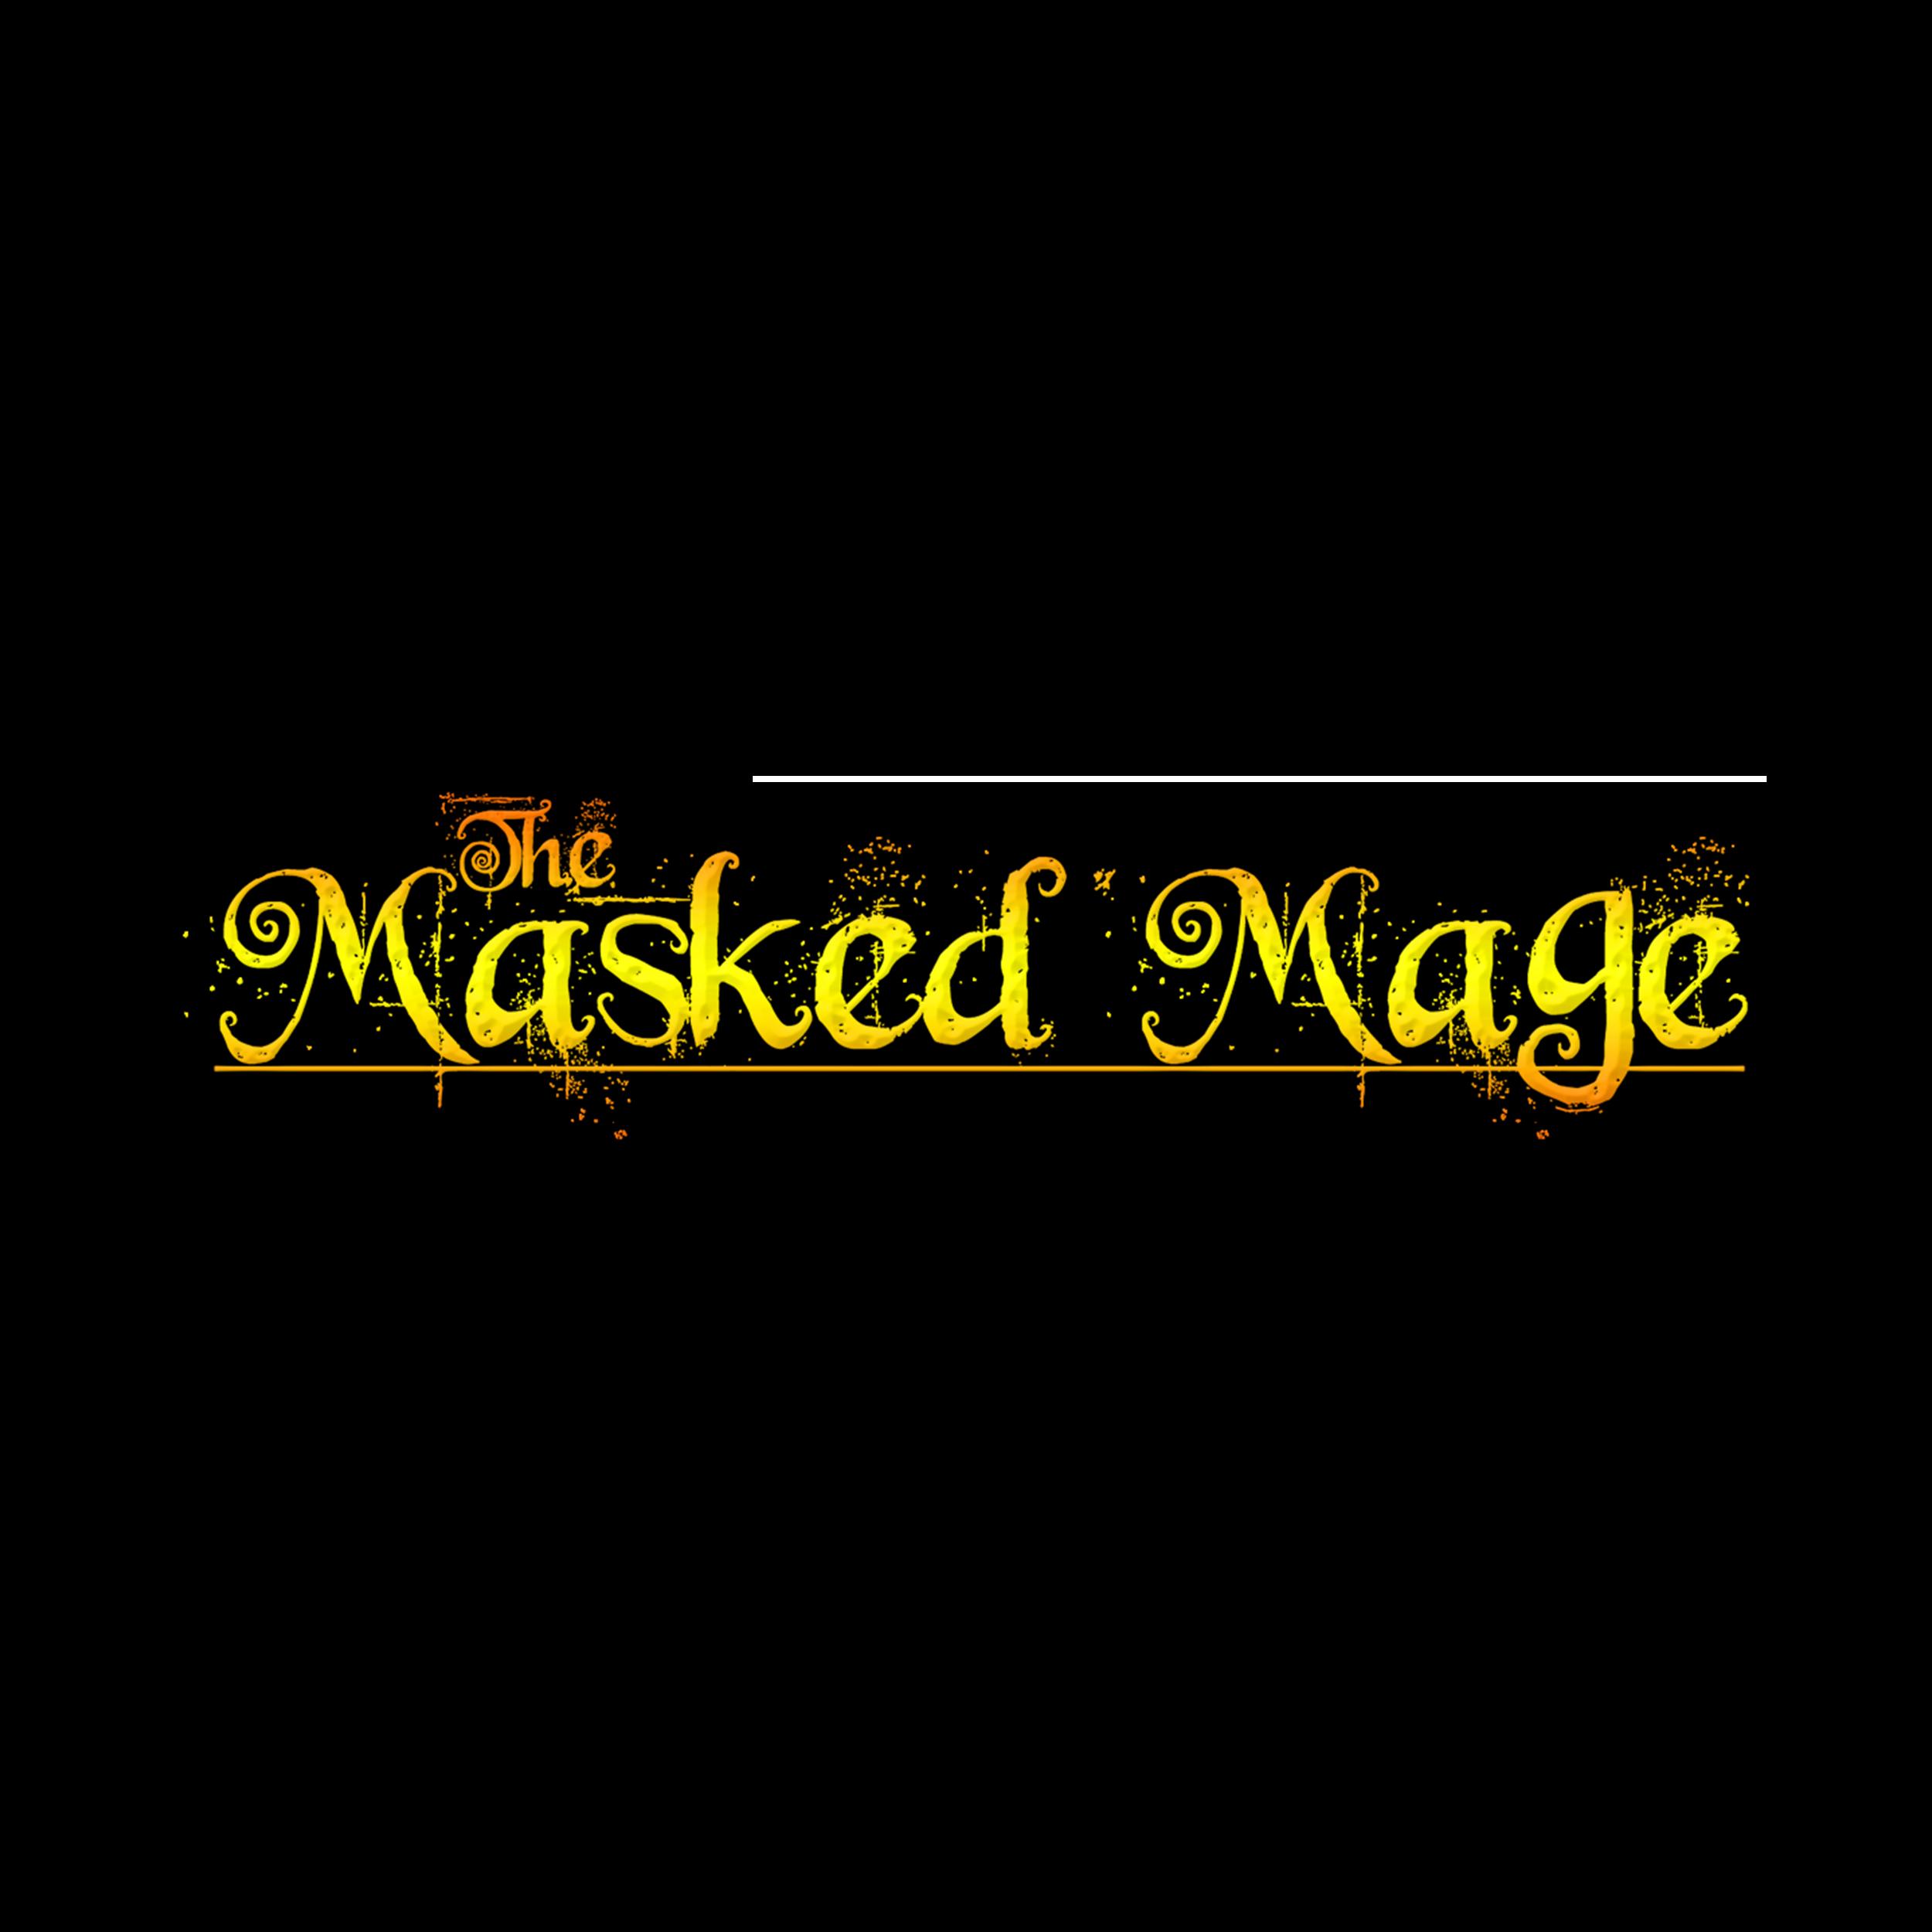 The Masked Mage logo